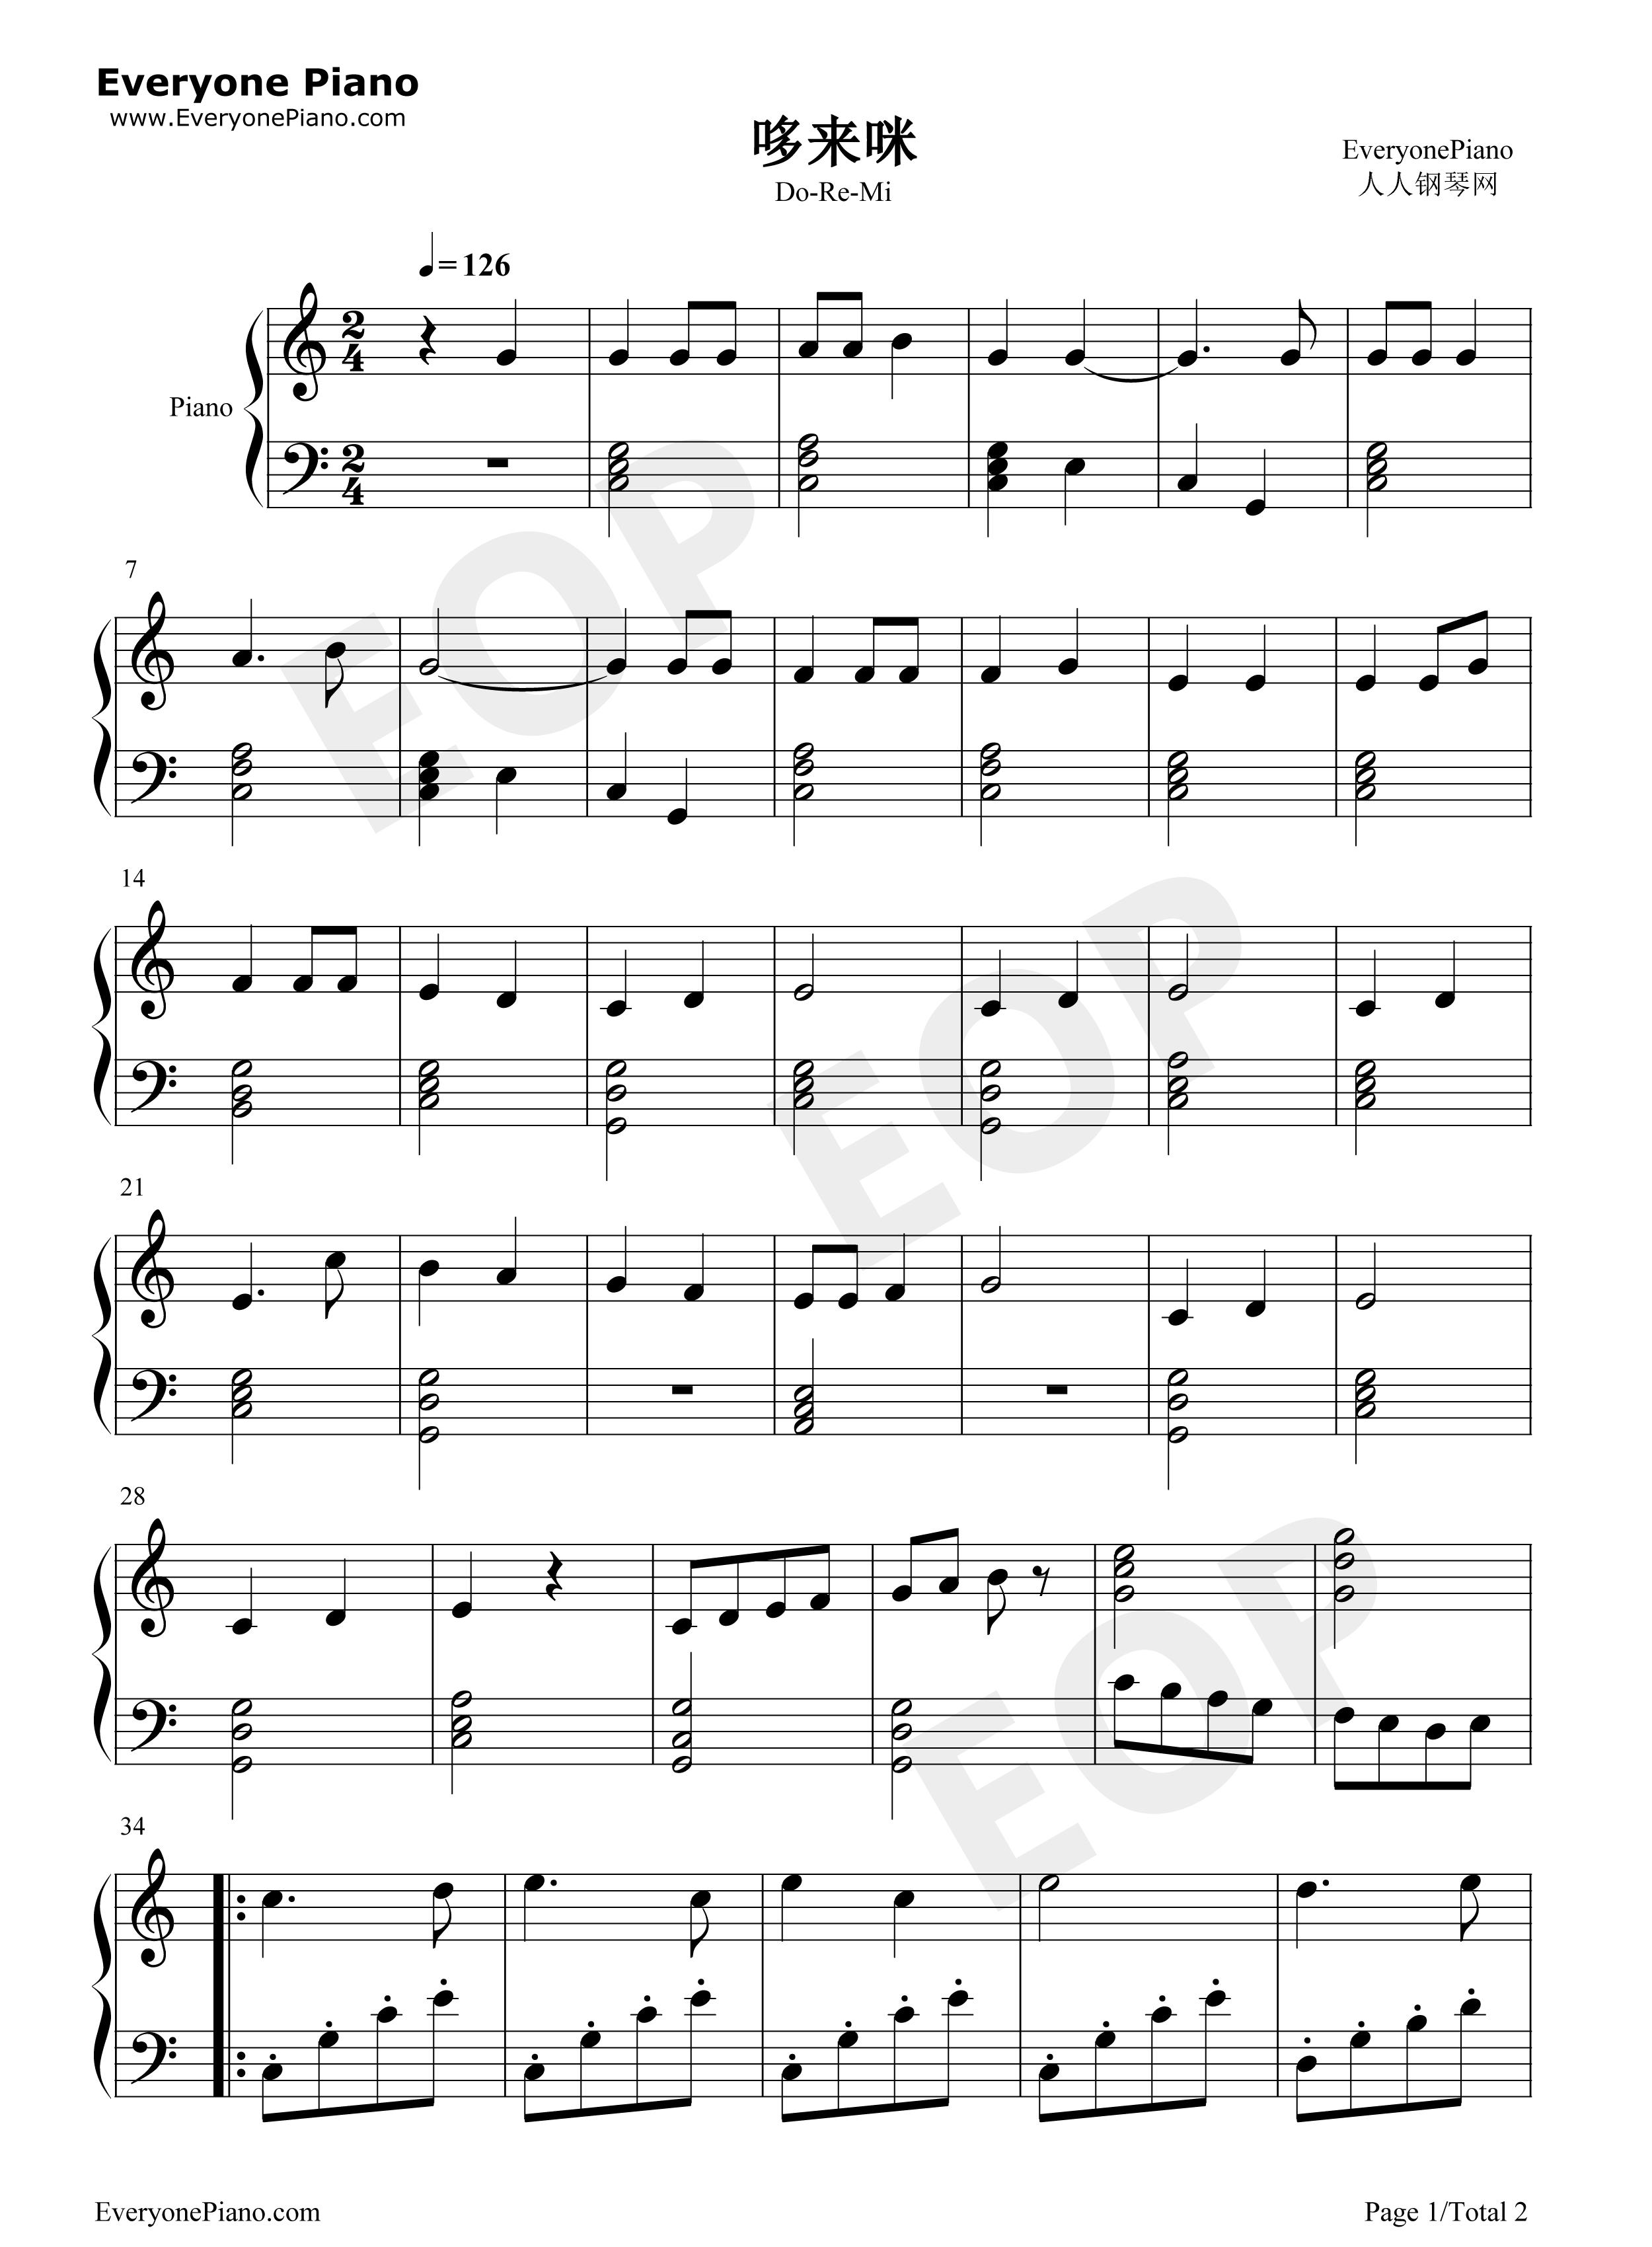 ドレミのうた-The Sound of Musi...